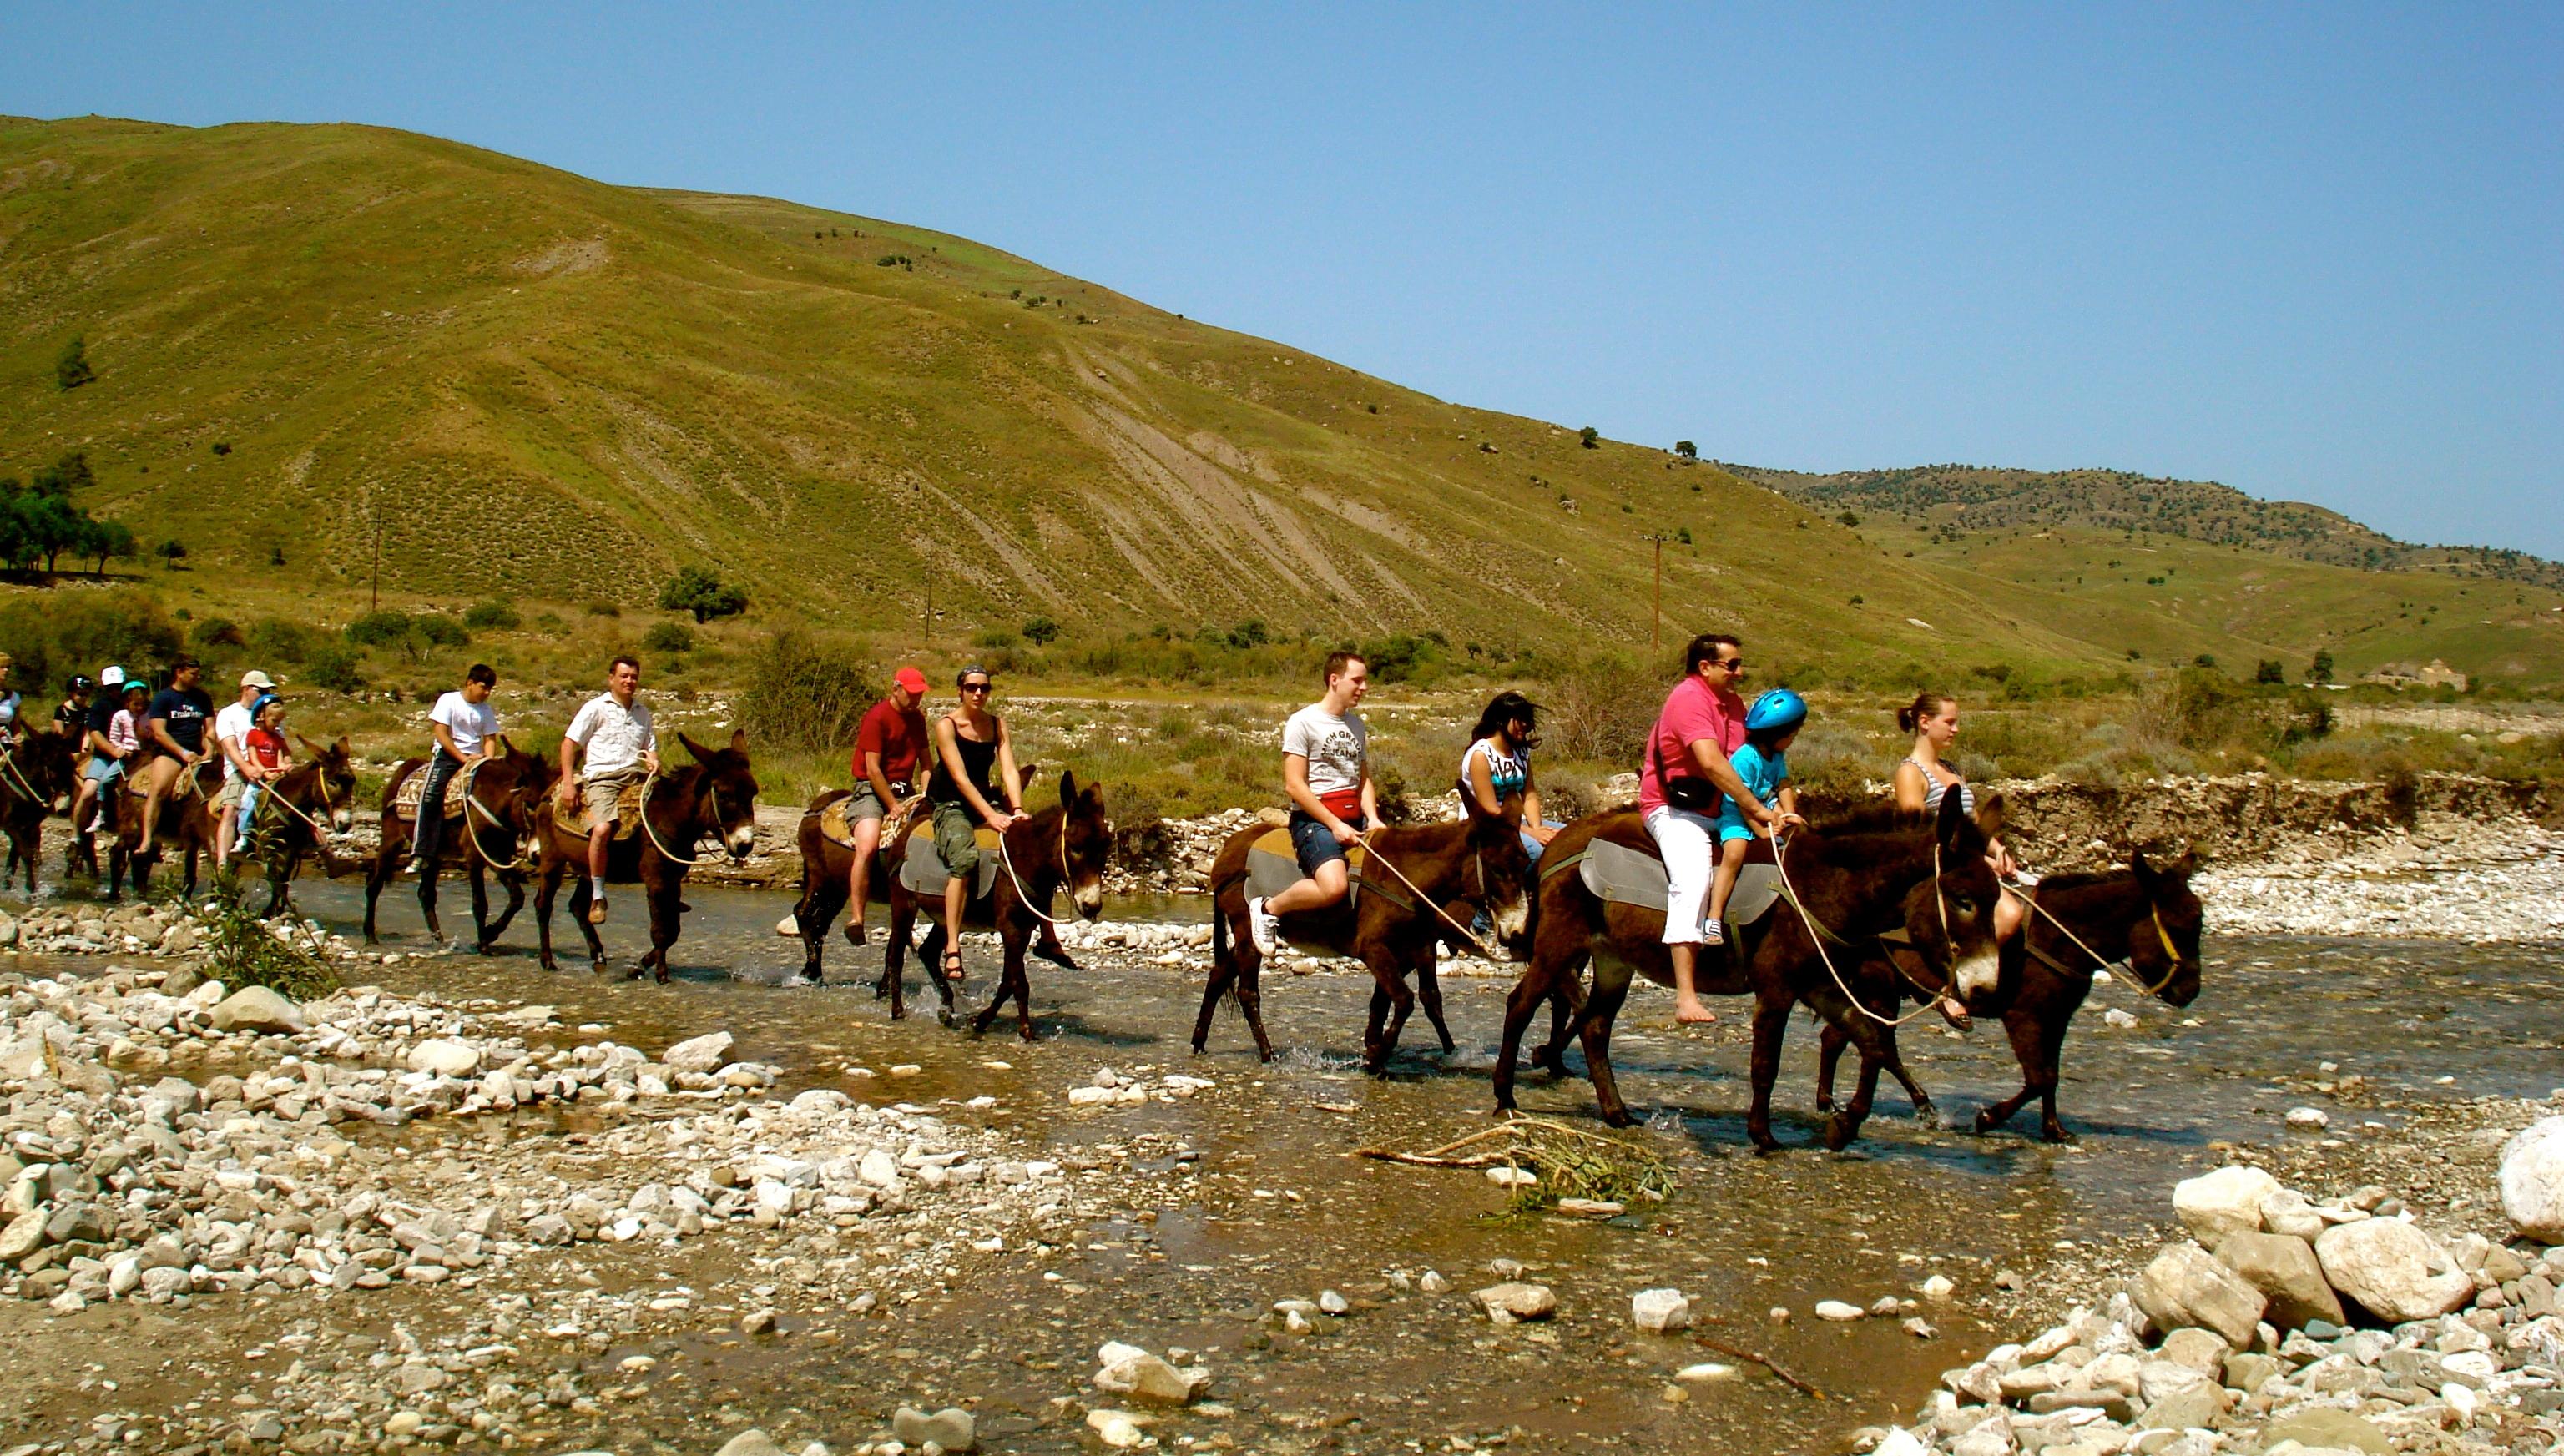 Donkey Safari - Argonaftis Tours - Titanas Travel & Tours ...